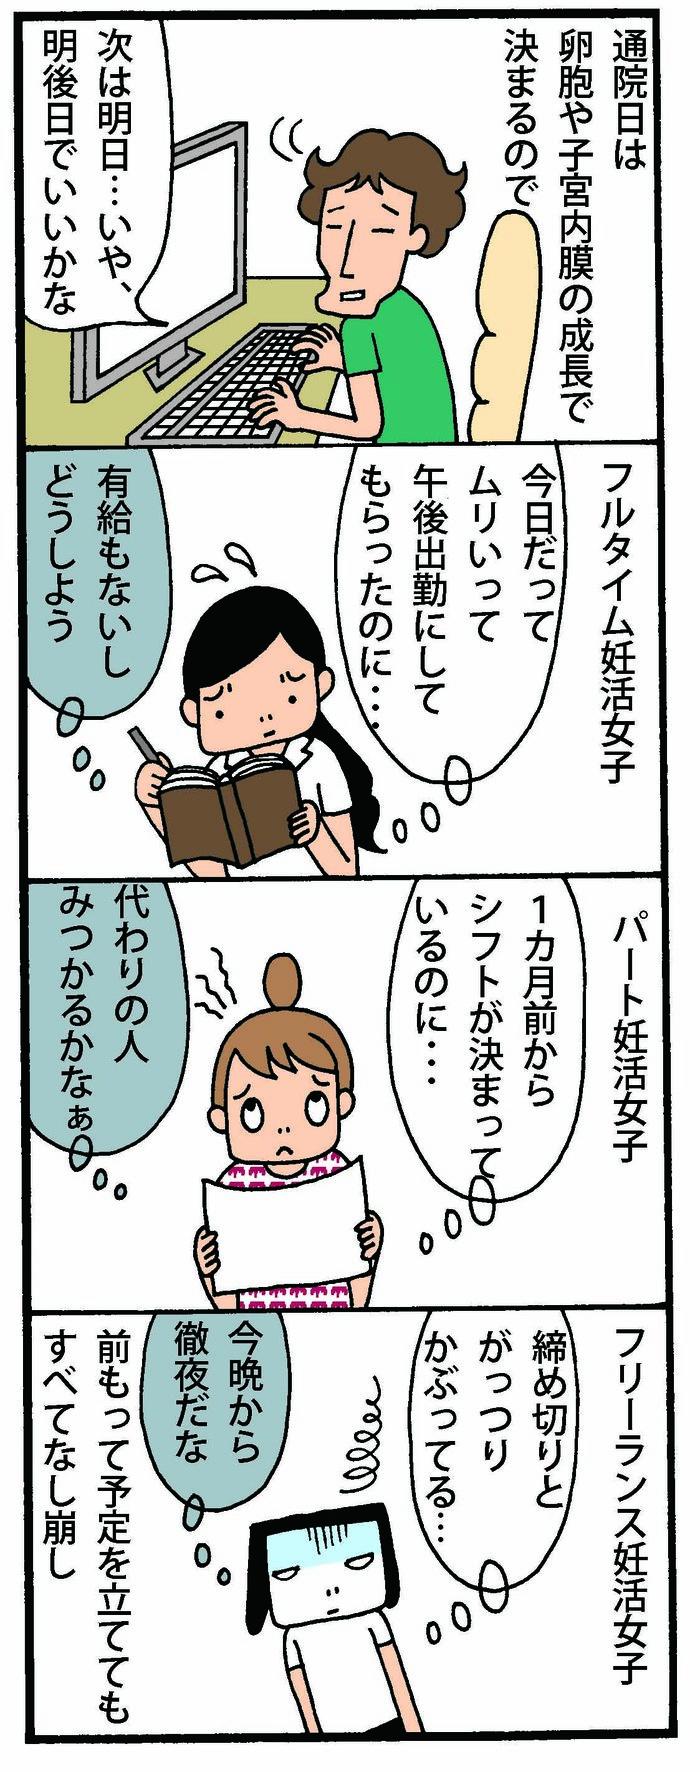 【妊活】働く妊活女子!不妊治療と仕事の両立の悩みとは?の画像1